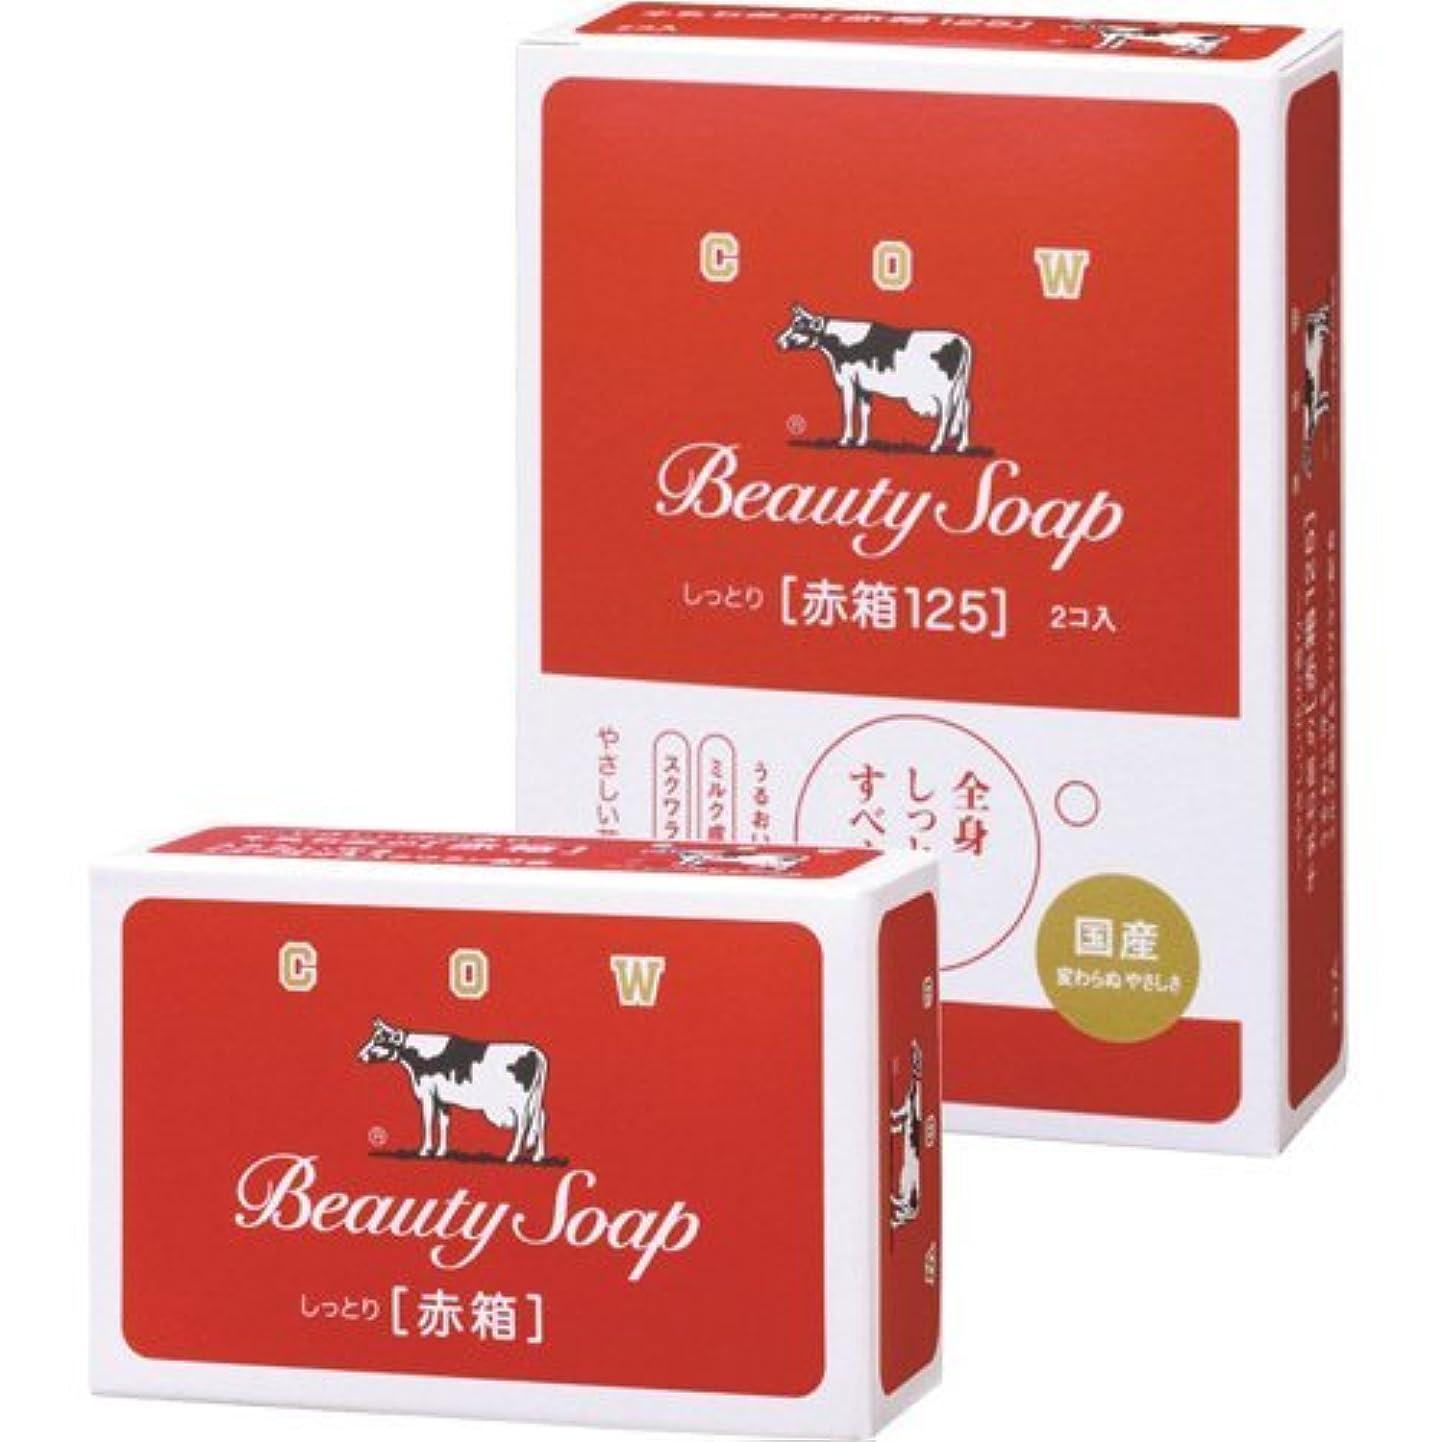 スプーン教室ミル[牛乳石鹸 2627843] (ケア商品)カウブランド 赤箱125 125g×2個入